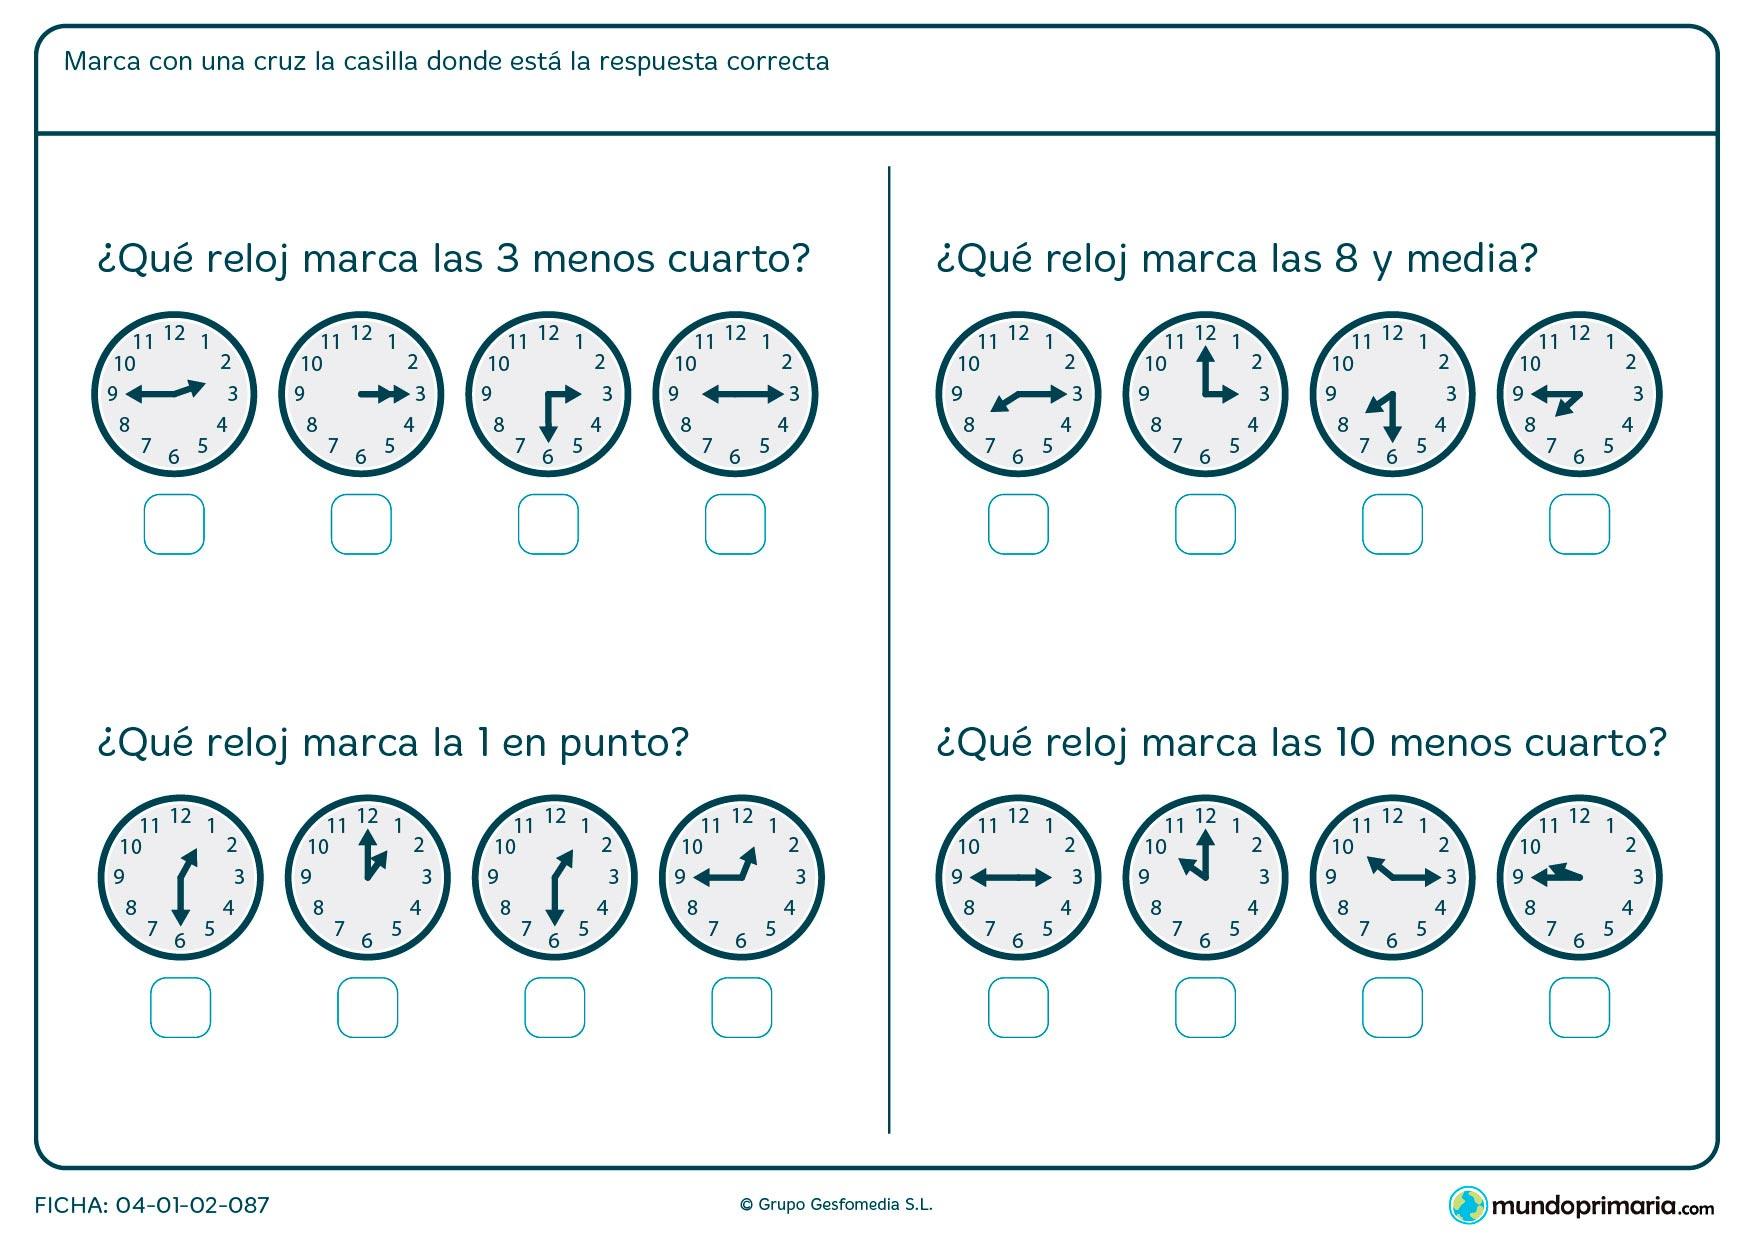 Ficha de hora y media, hora en punto, cuartos de hora. Elige el reloj correcto.